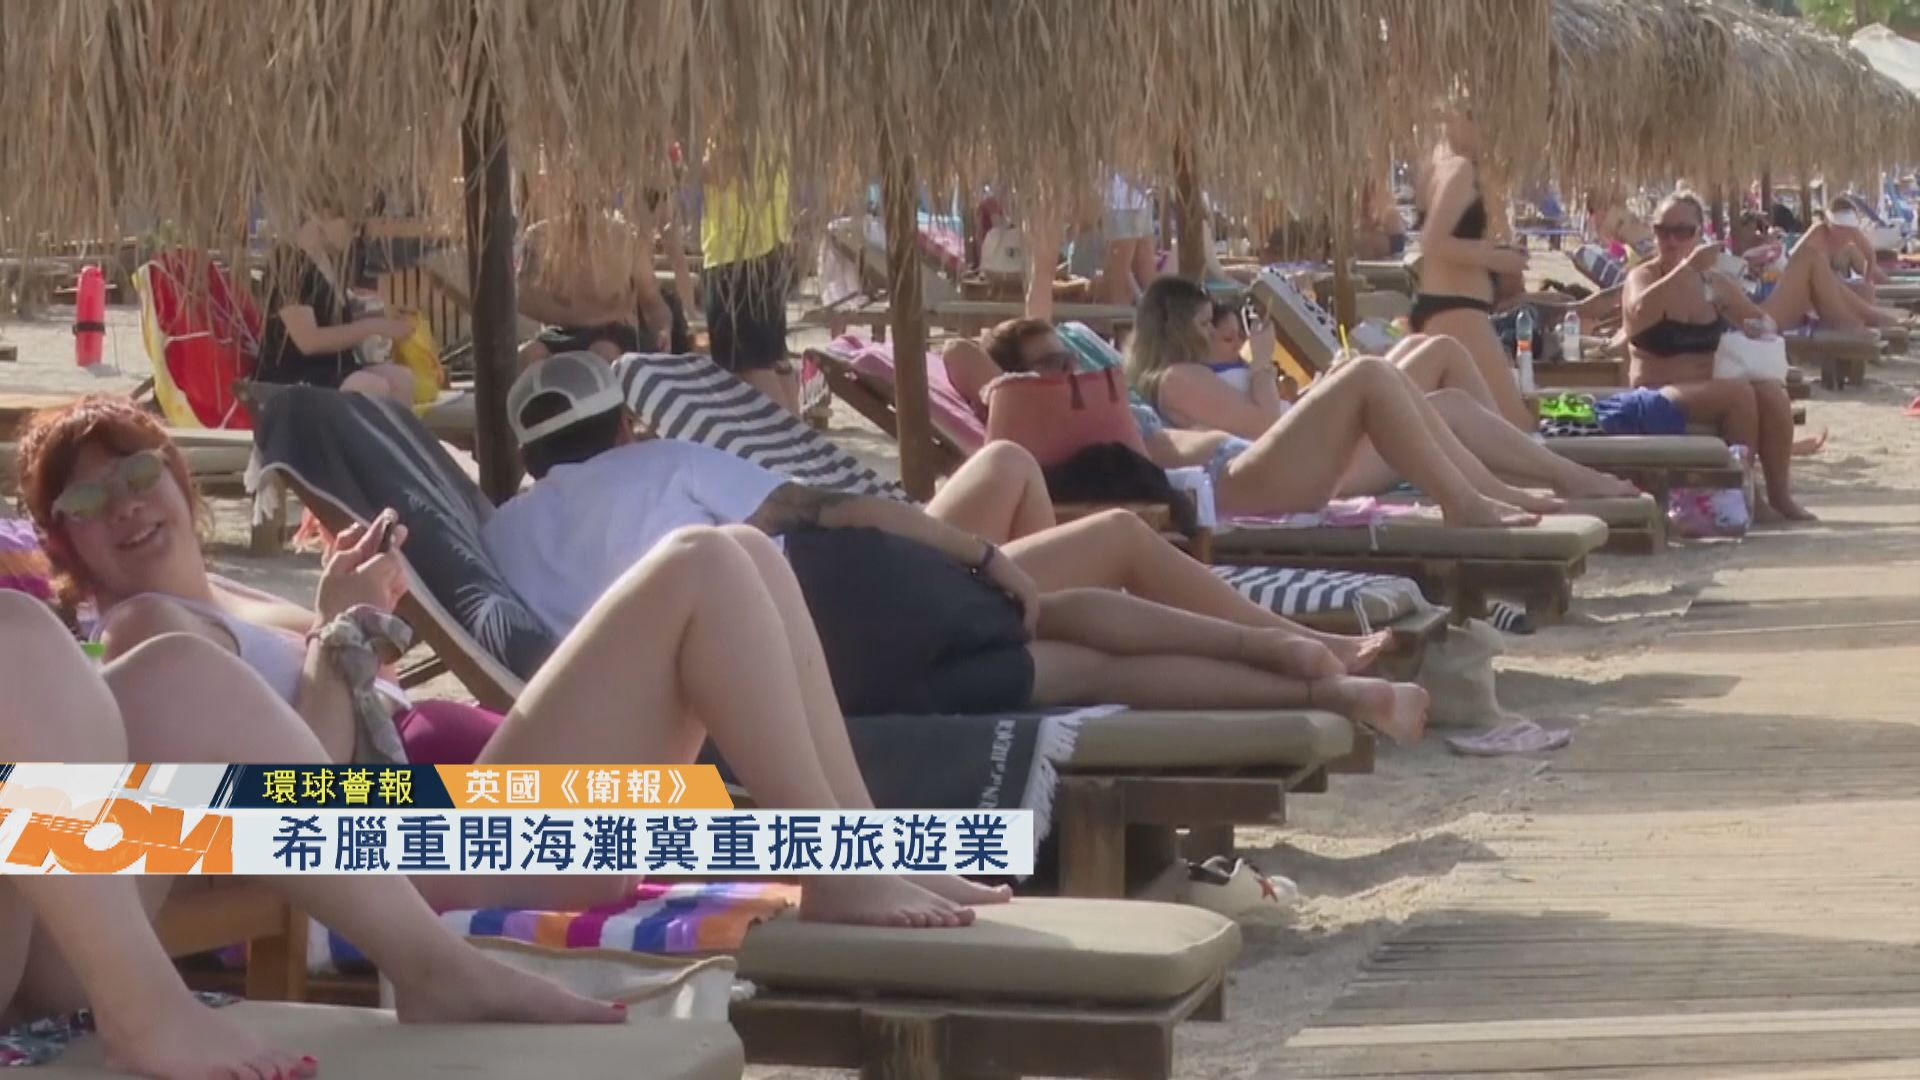 【環球薈報】希臘重開海灘冀重振旅遊業